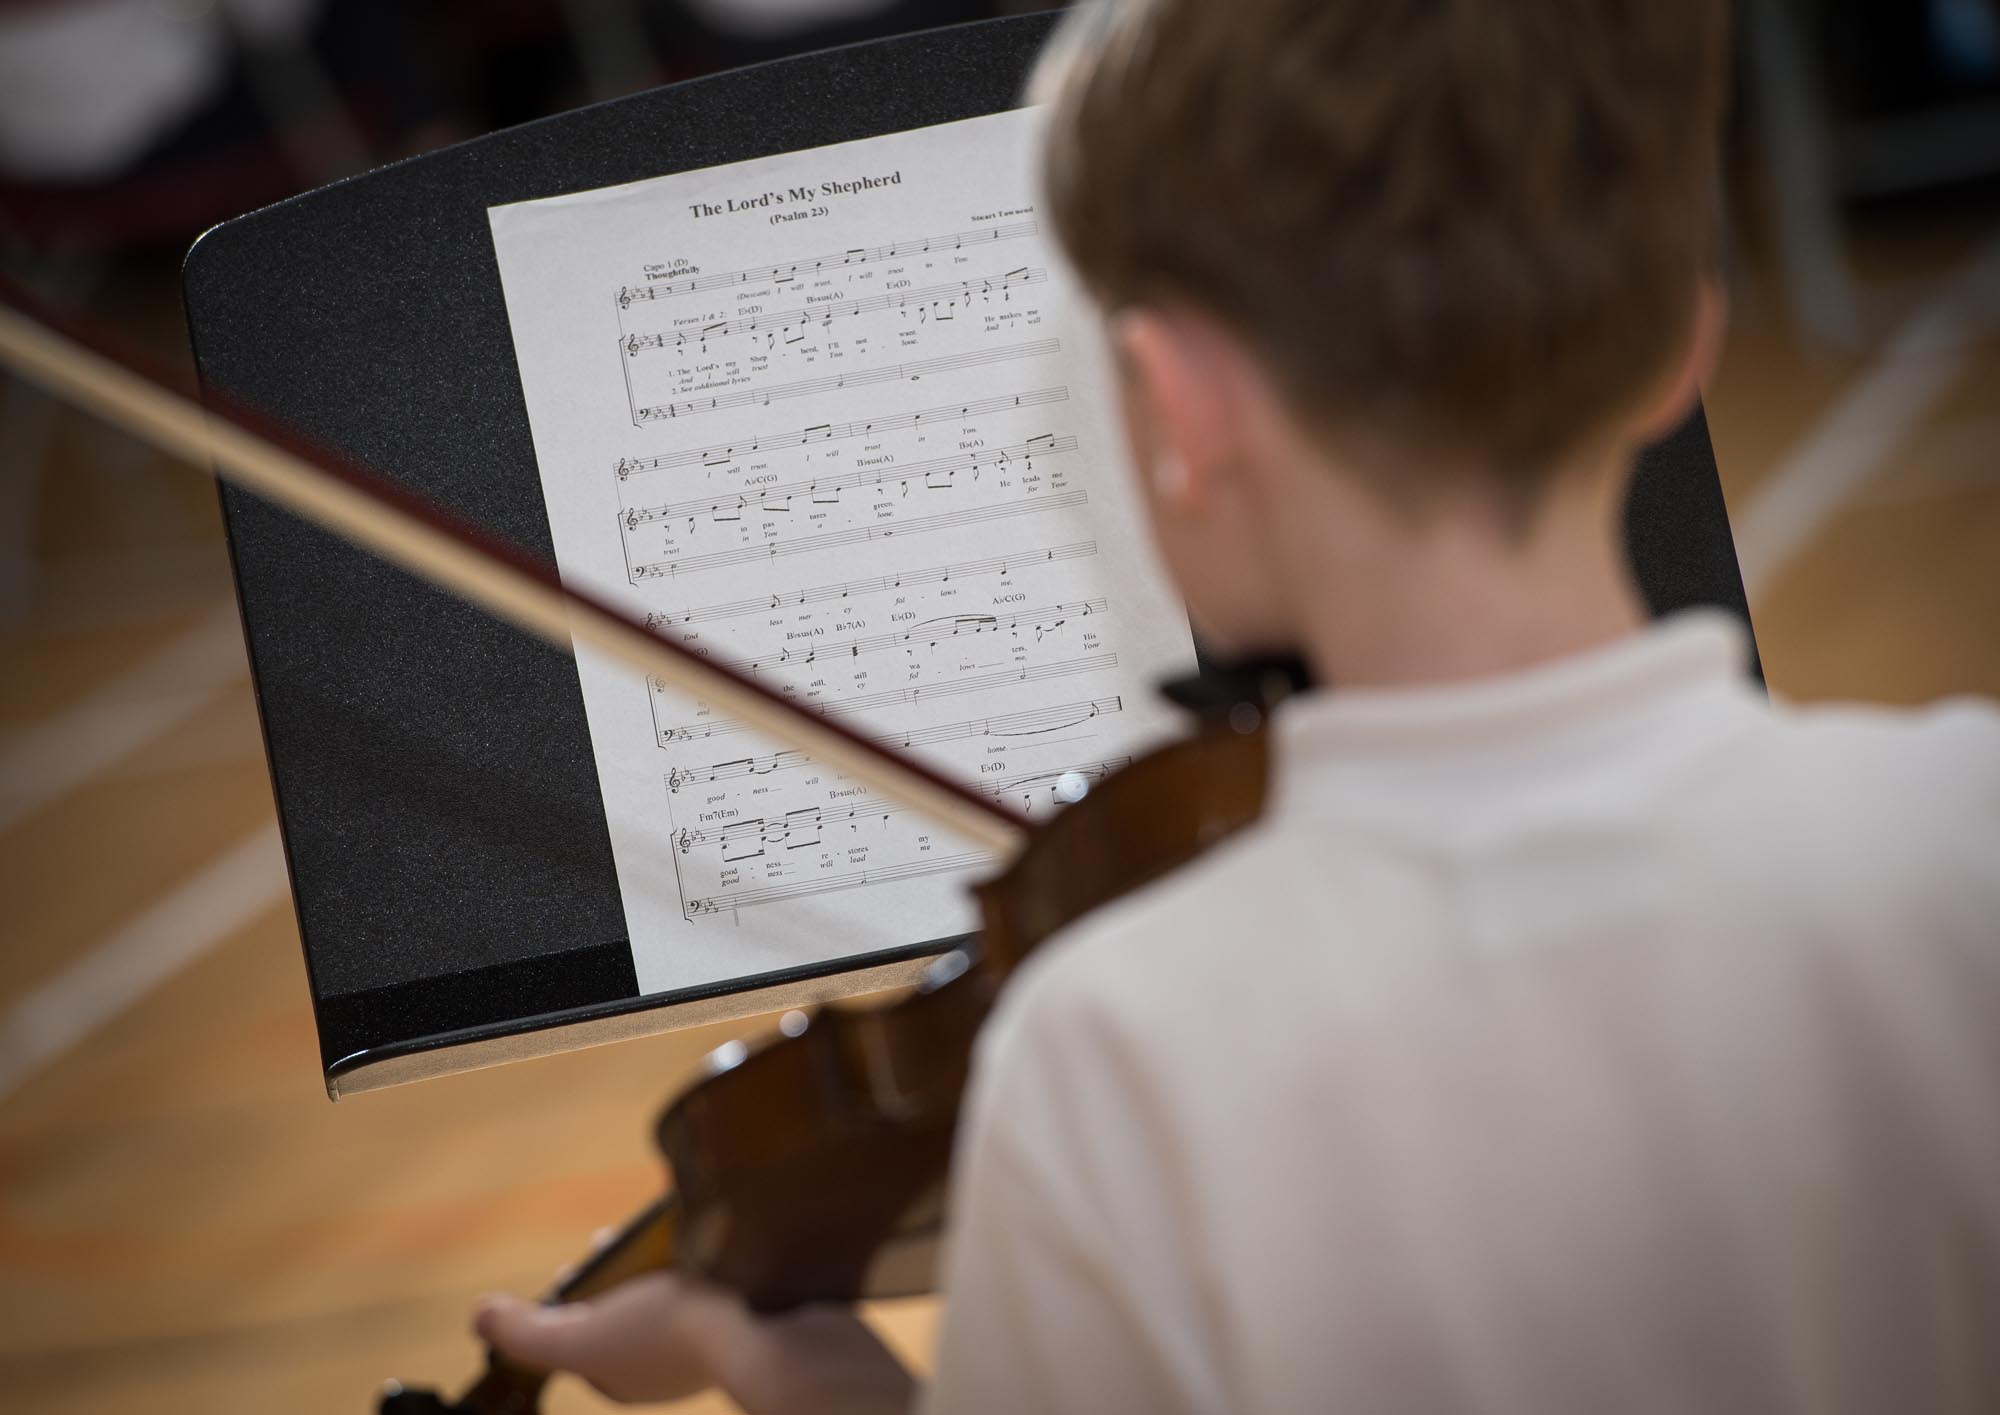 Boy playing violin looking at music notes